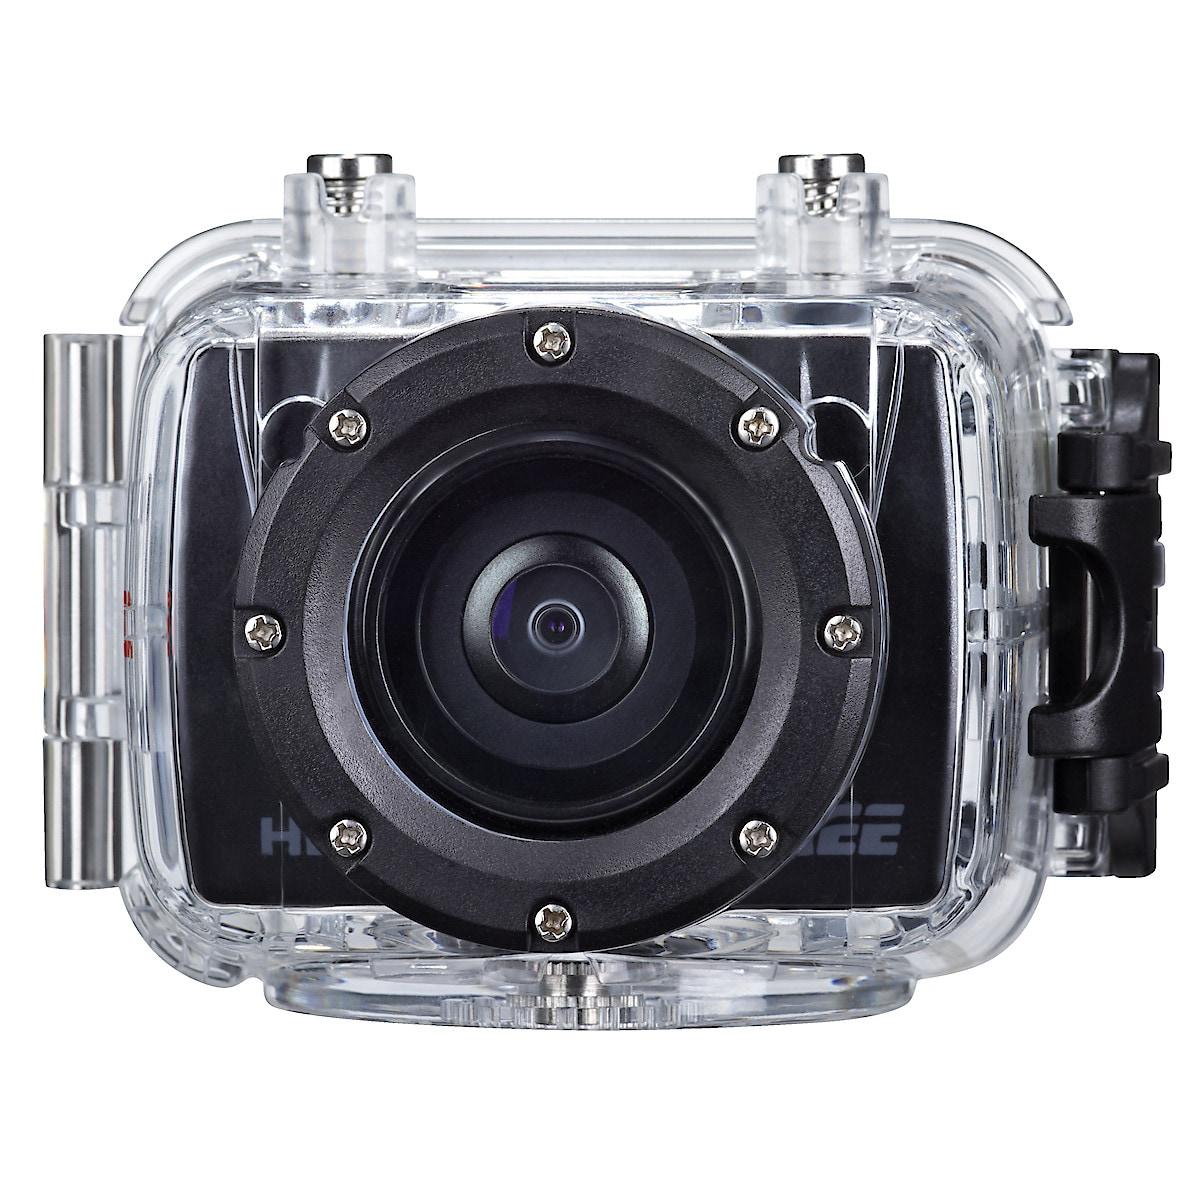 Actionkamera SD20, 1080 p